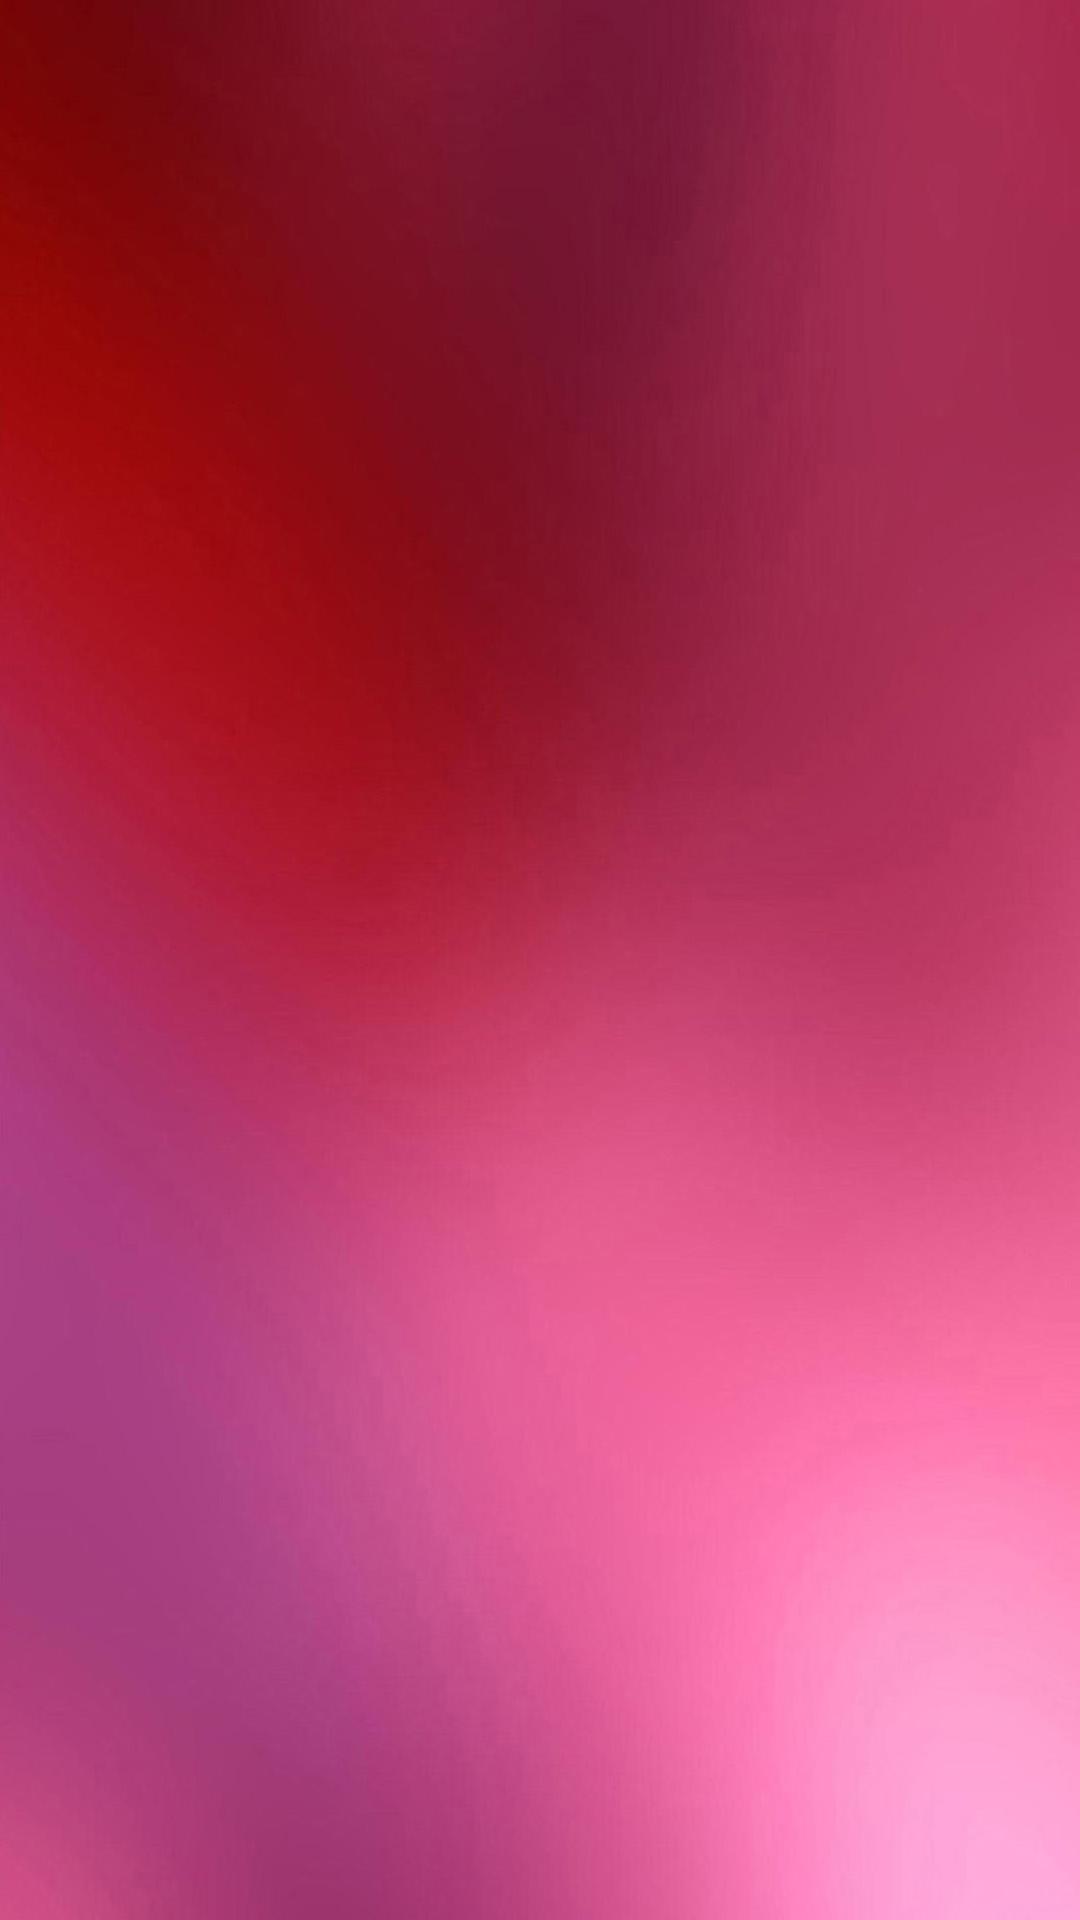 かっこいいiphone壁紙 レッド Iphone Wallpapers